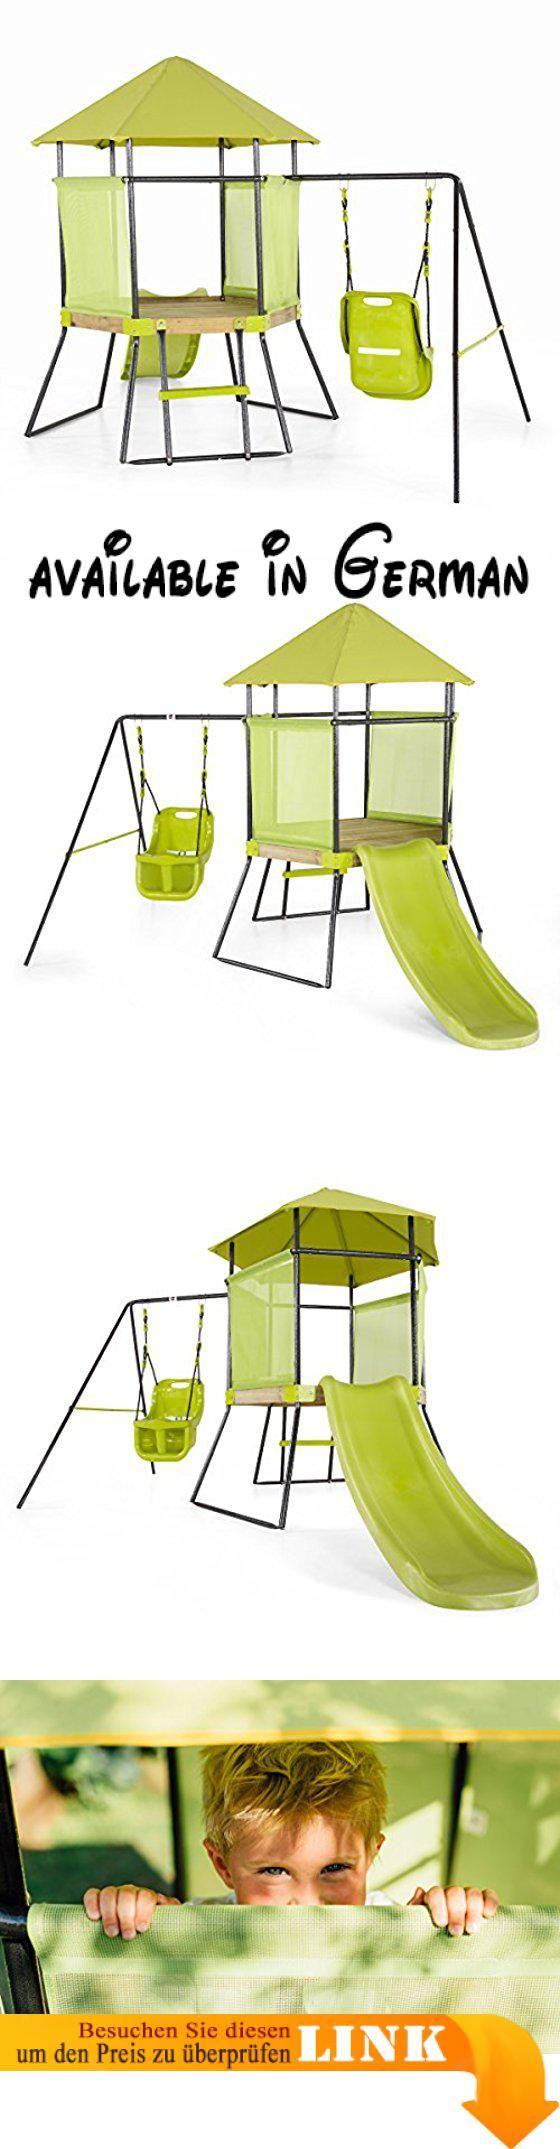 Plum My First Schaukel- und Spielcenter. Schaukel- und Spielcenter mit Rutsche und Schaukel (ab 3 Jahren geeignet). Fördert die Entwicklung von kognitiven und motorischen Fertigkeiten. 1,2m lange Rutsche. Spielhaus mit Dach und Seitenwänden. Dieses Produkt wird Ihnen per Spedition bis vor die Haustüre geliefert. Eine Rücksendung und Erstattung ist für diesen Artikel ausgeschlossen. #Baby #BABY_PRODUCT